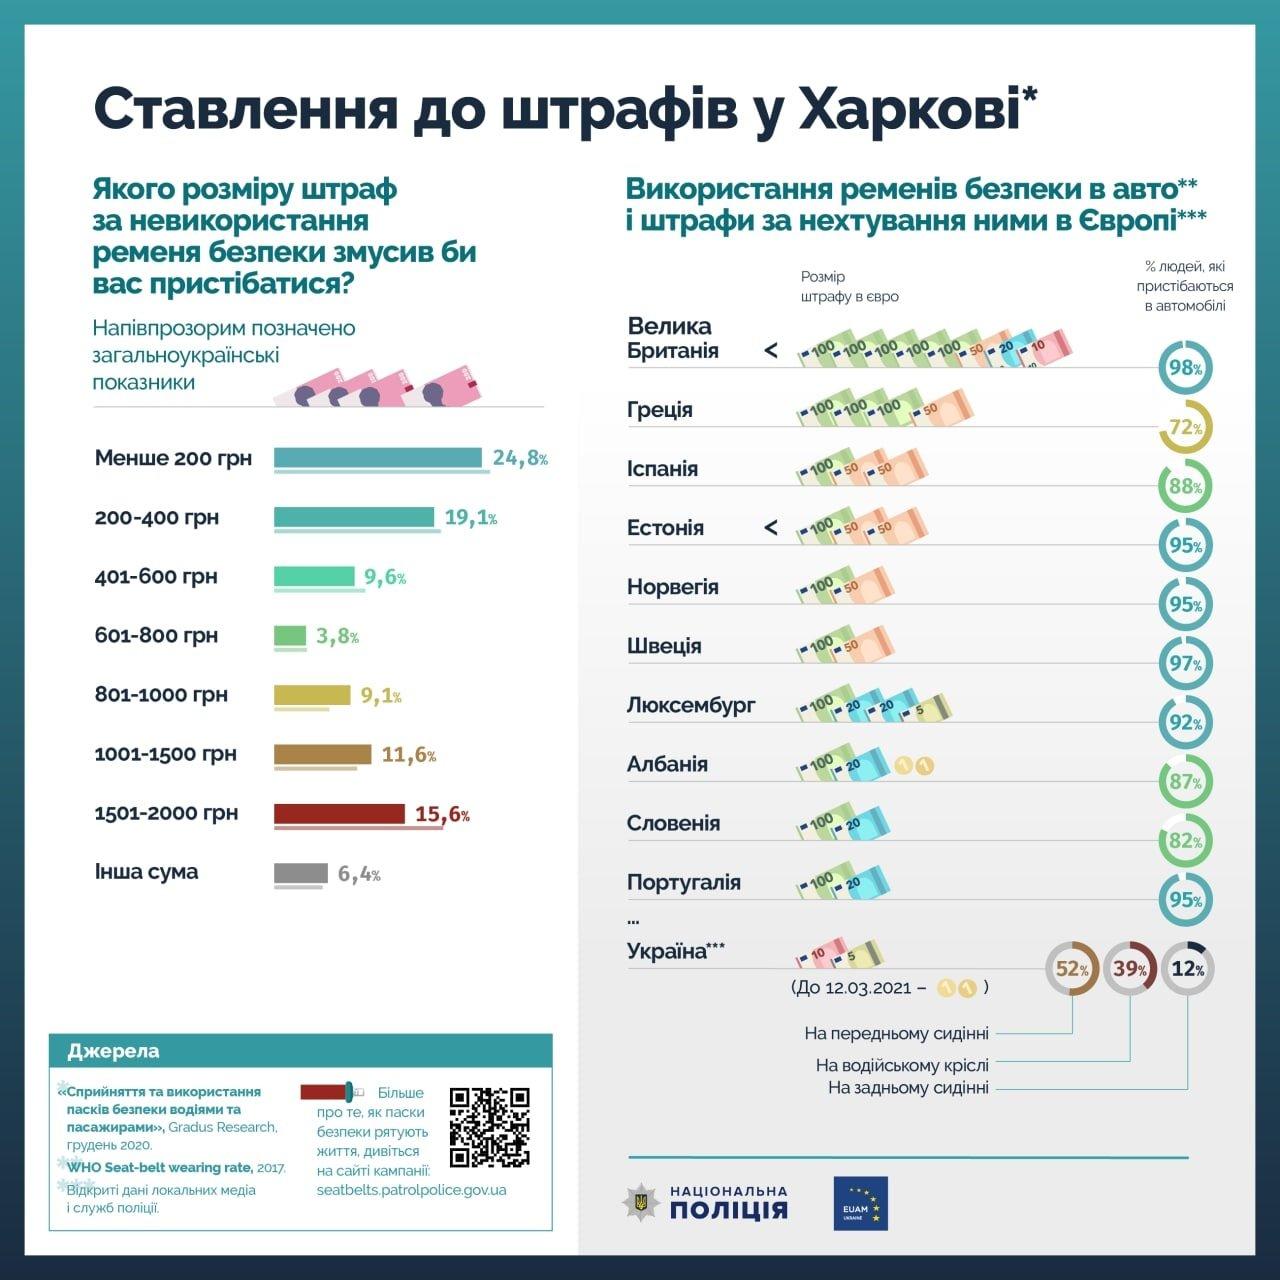 Харьковские автомобилисты не хотят платить большие штрафы за непристегнутый ремень